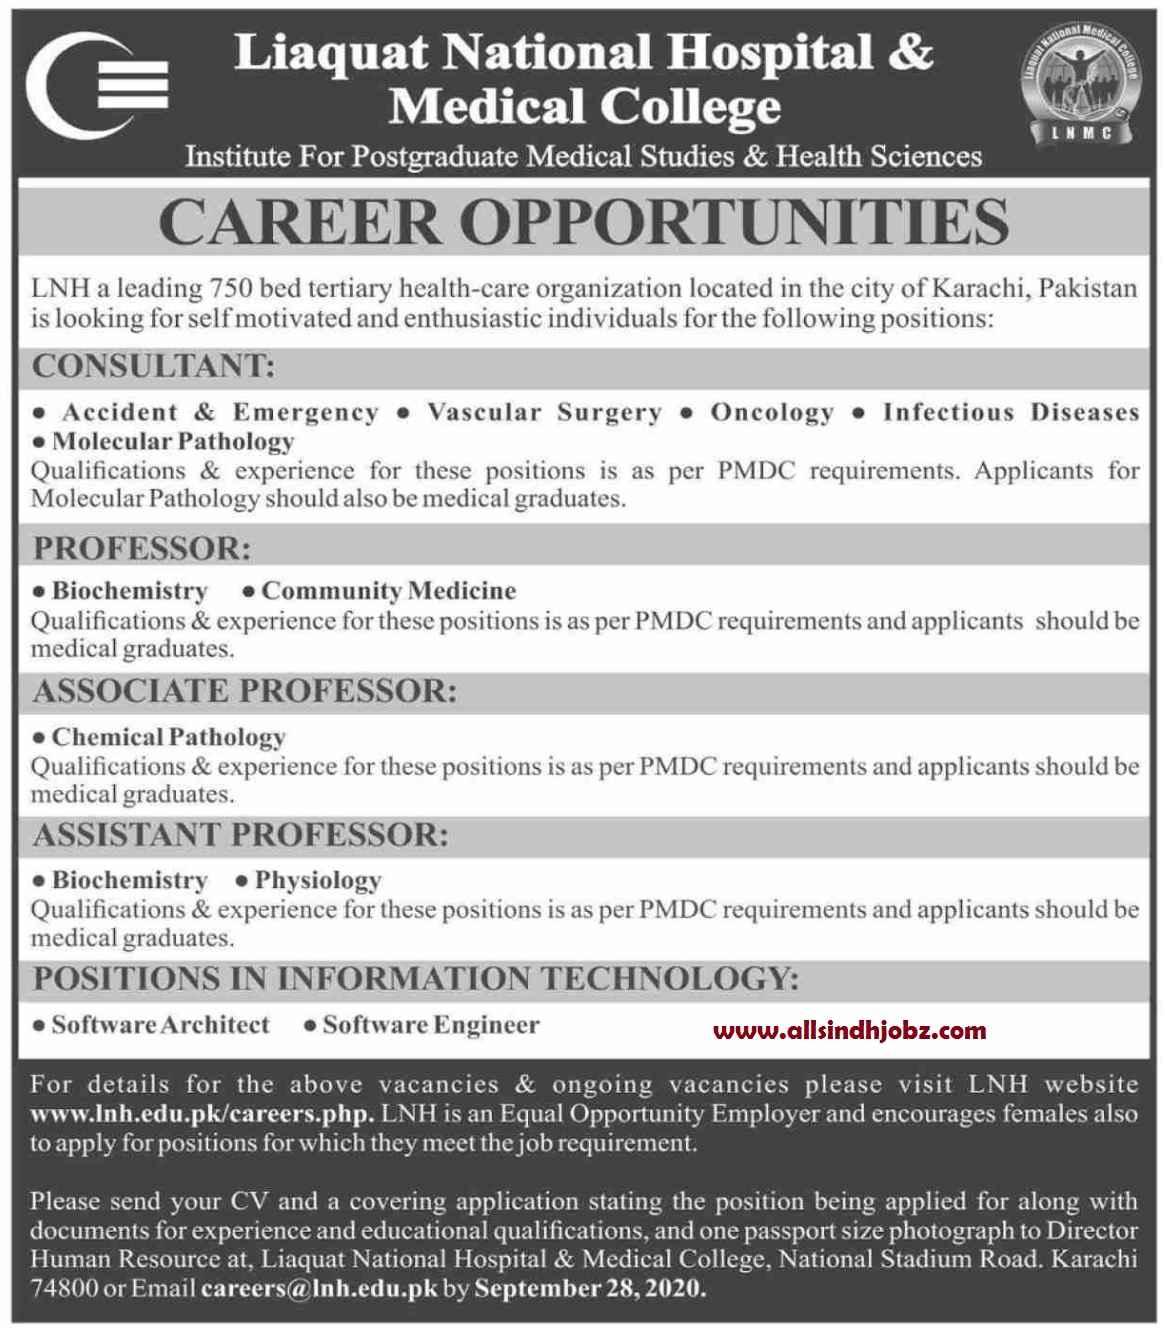 Liaquat National Hospital & Medical College Karachi Jobs 2020